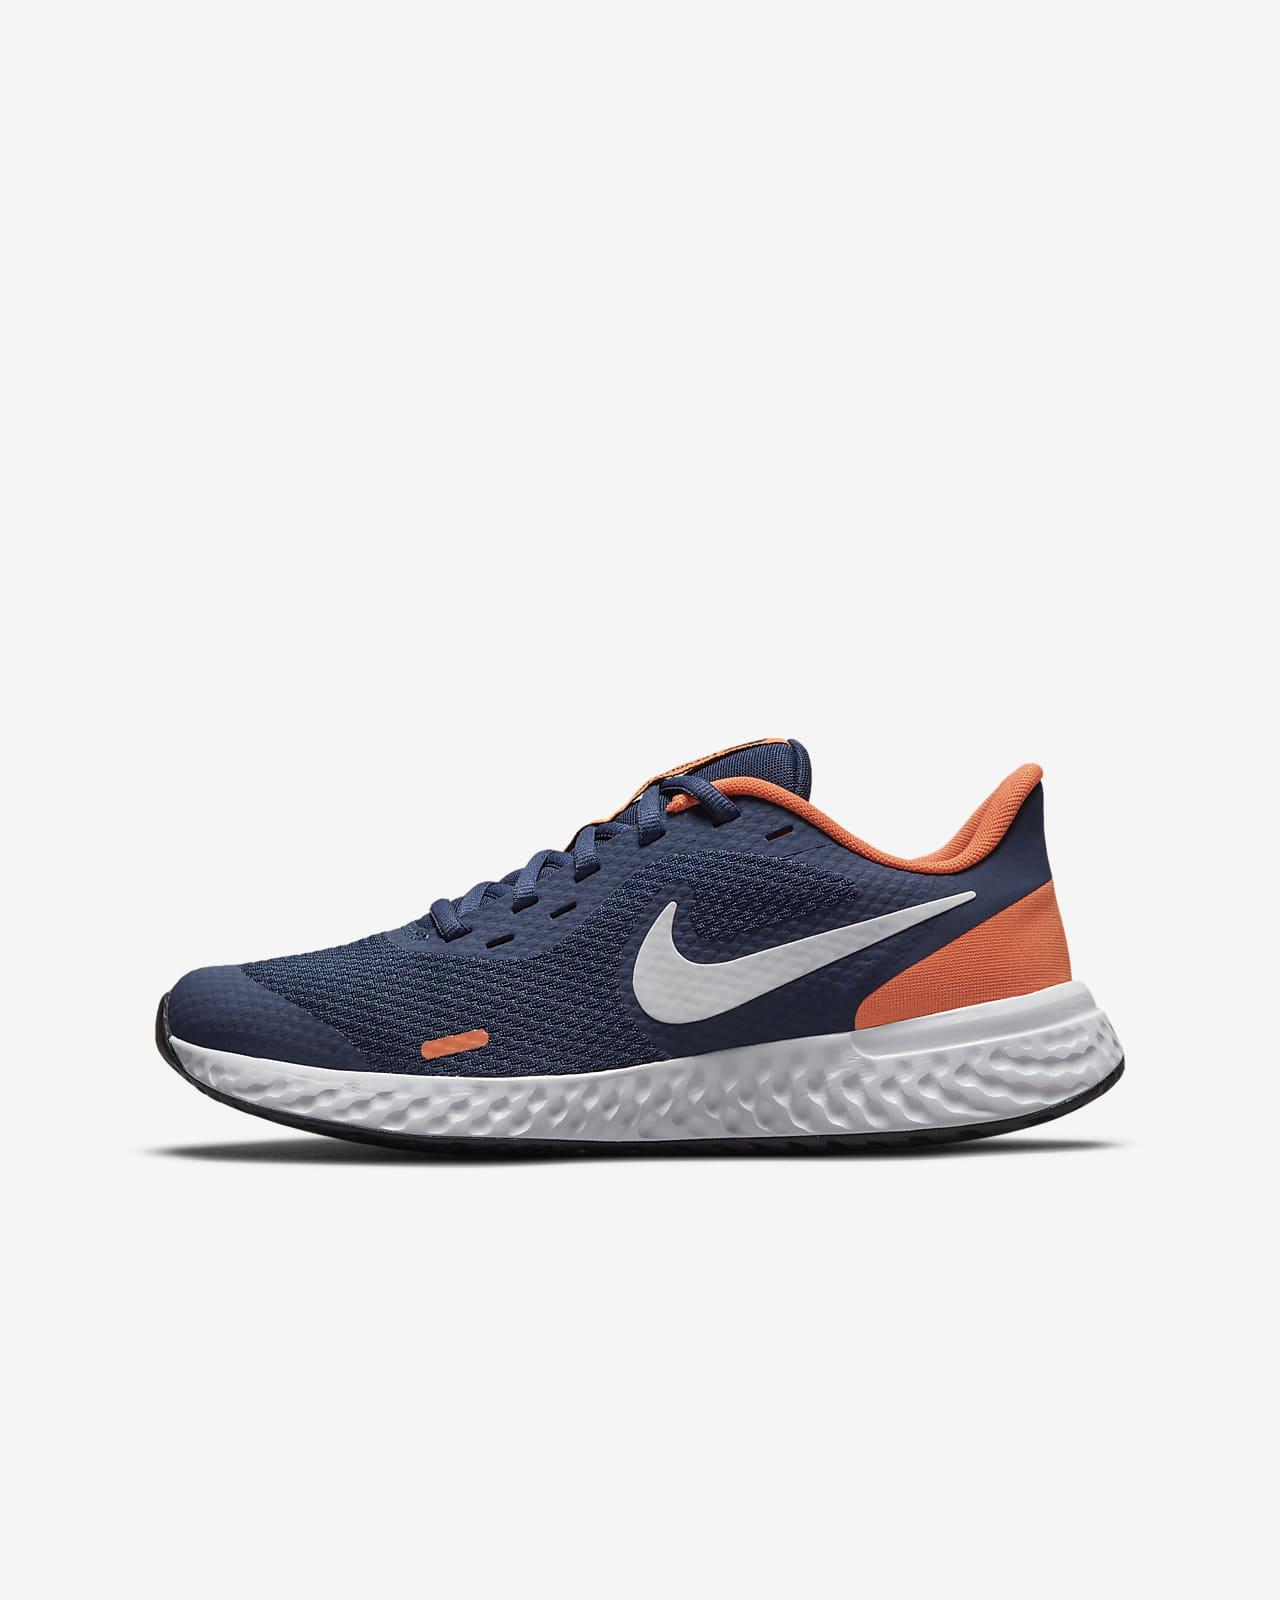 Nike Revolution 5 Genç Çocuk Yol Koşu Ayakkabısı